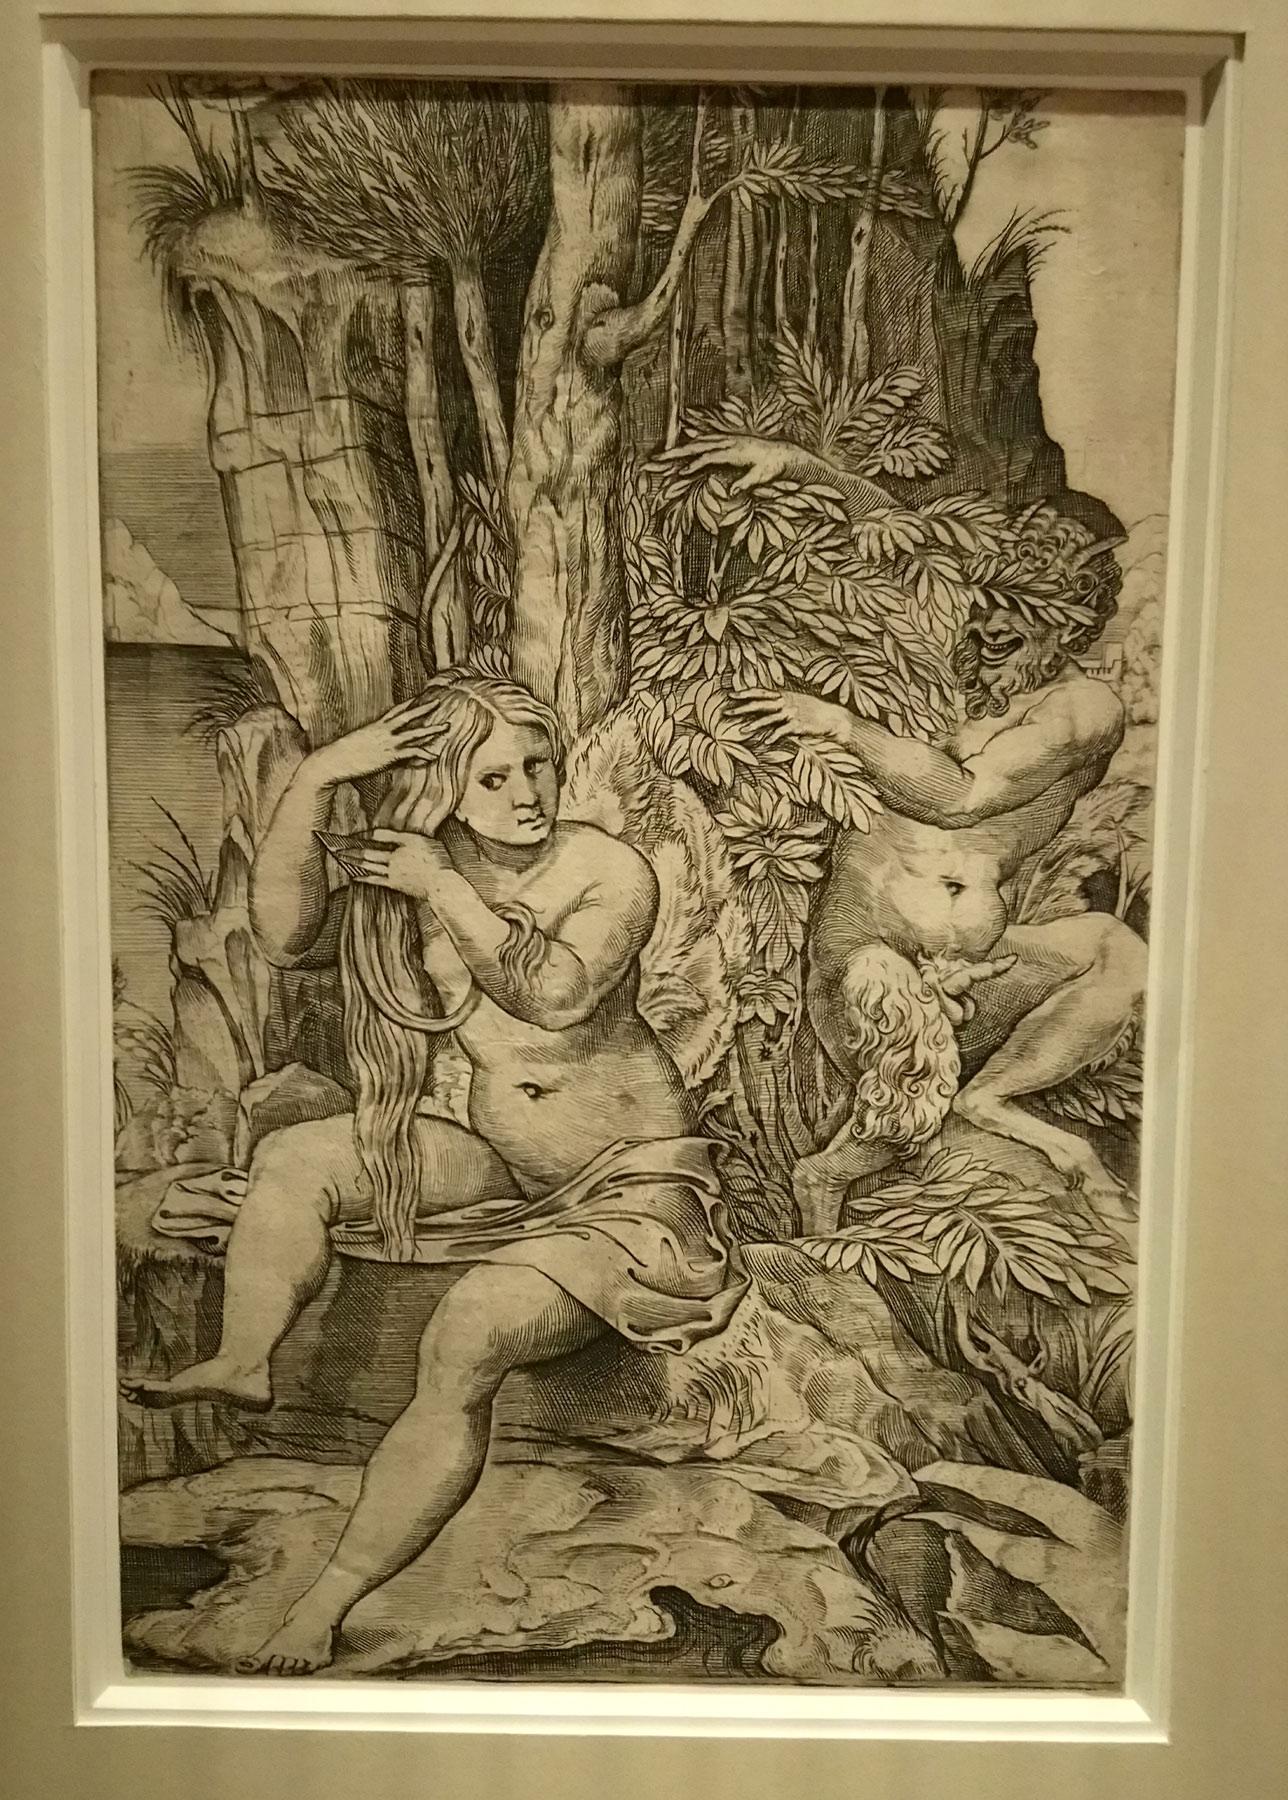 Marco Dente da Ravenna (da Raffaello), Venere e un satiro (1516 circa; incisione a bulino, 262 x 172 mm; Vienna, Albertina)